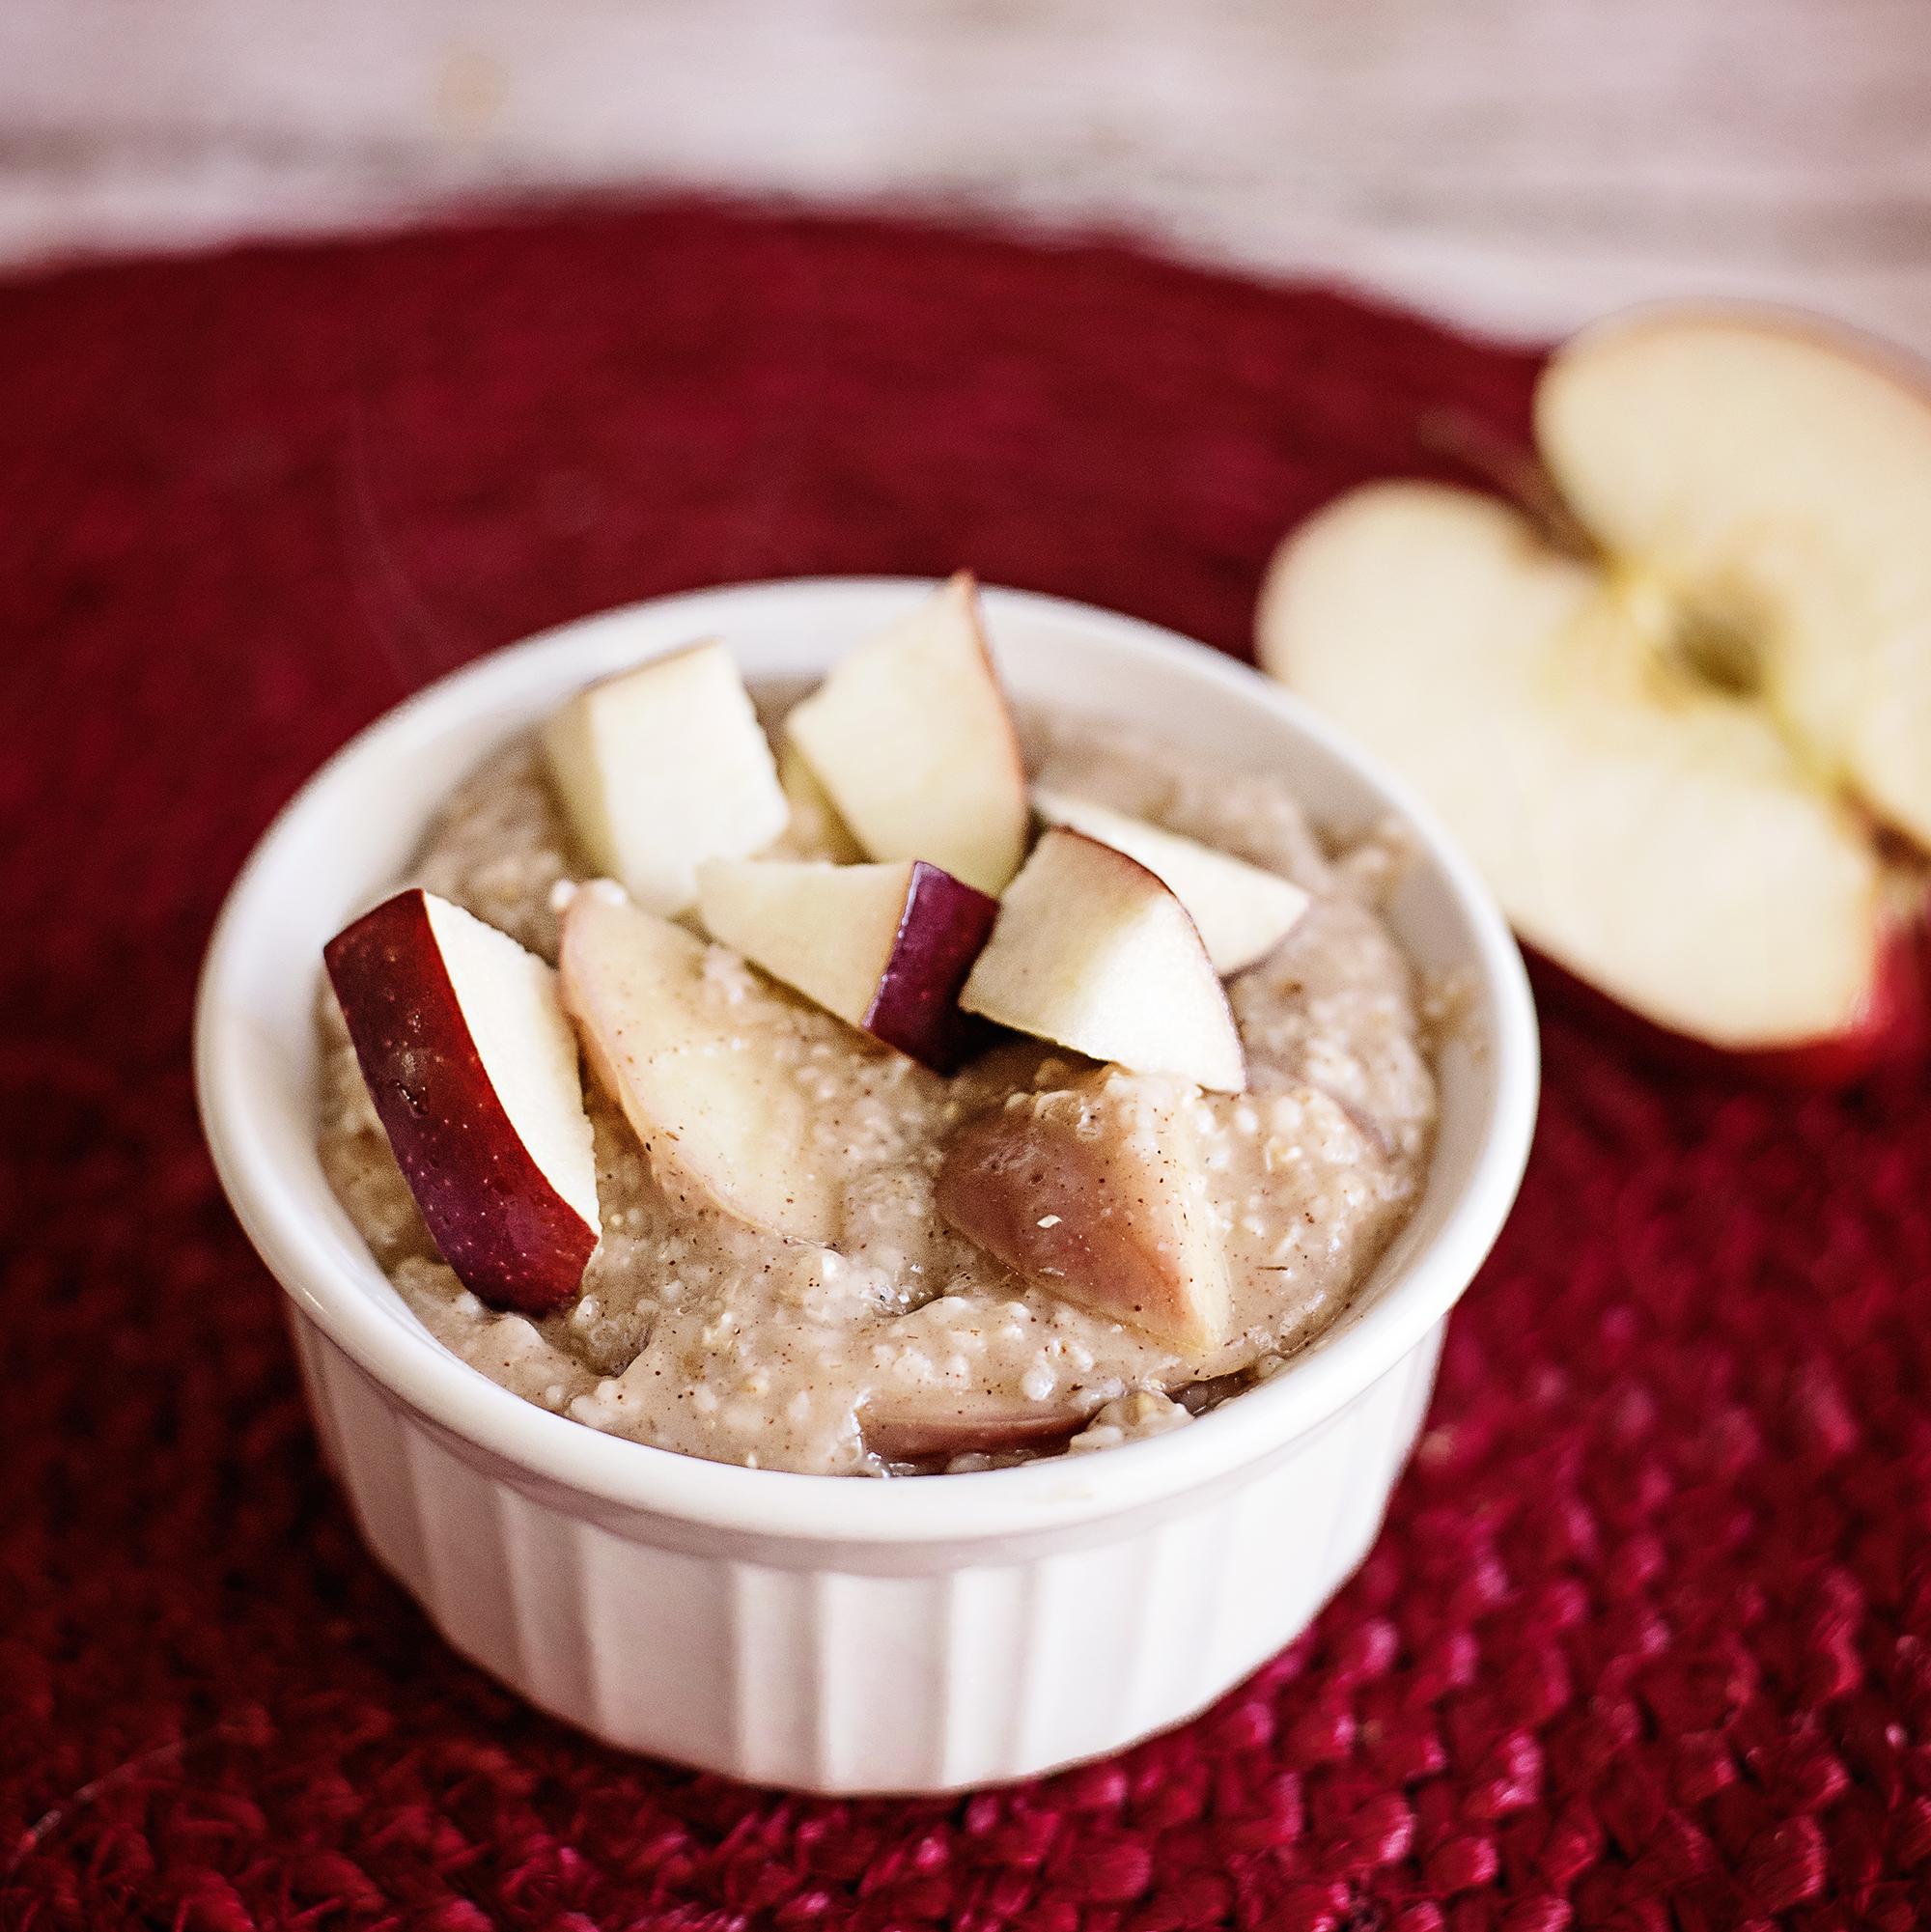 Steel Cut Oats for One - Warm Apple Pie Oatmeal